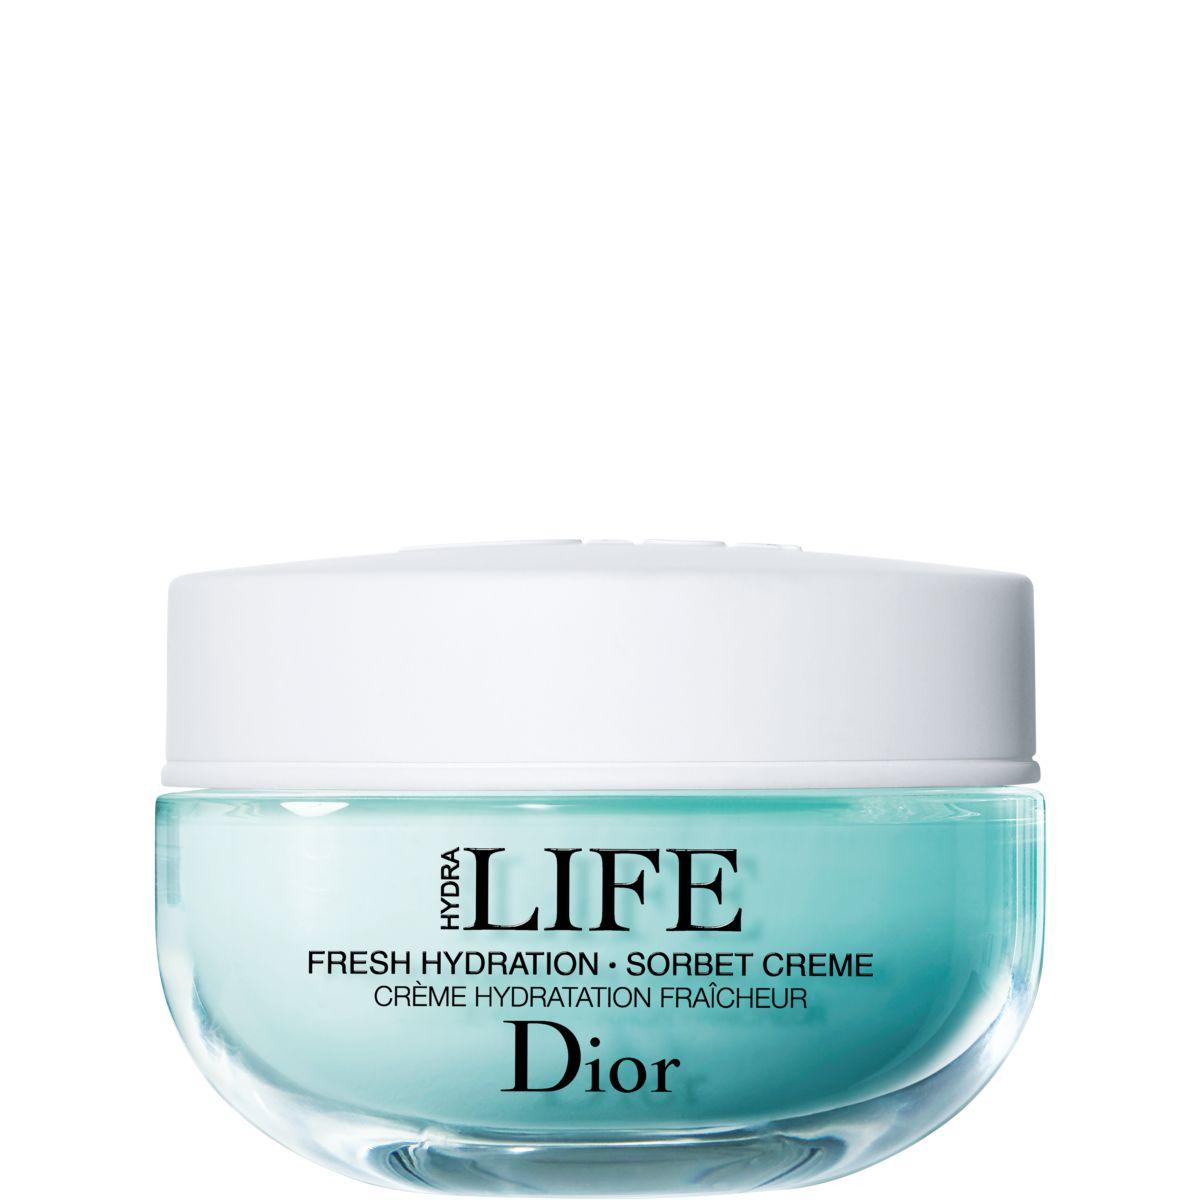 Dior - Hydra Life - Crème Hydratation Fraîcheur - 50 ml